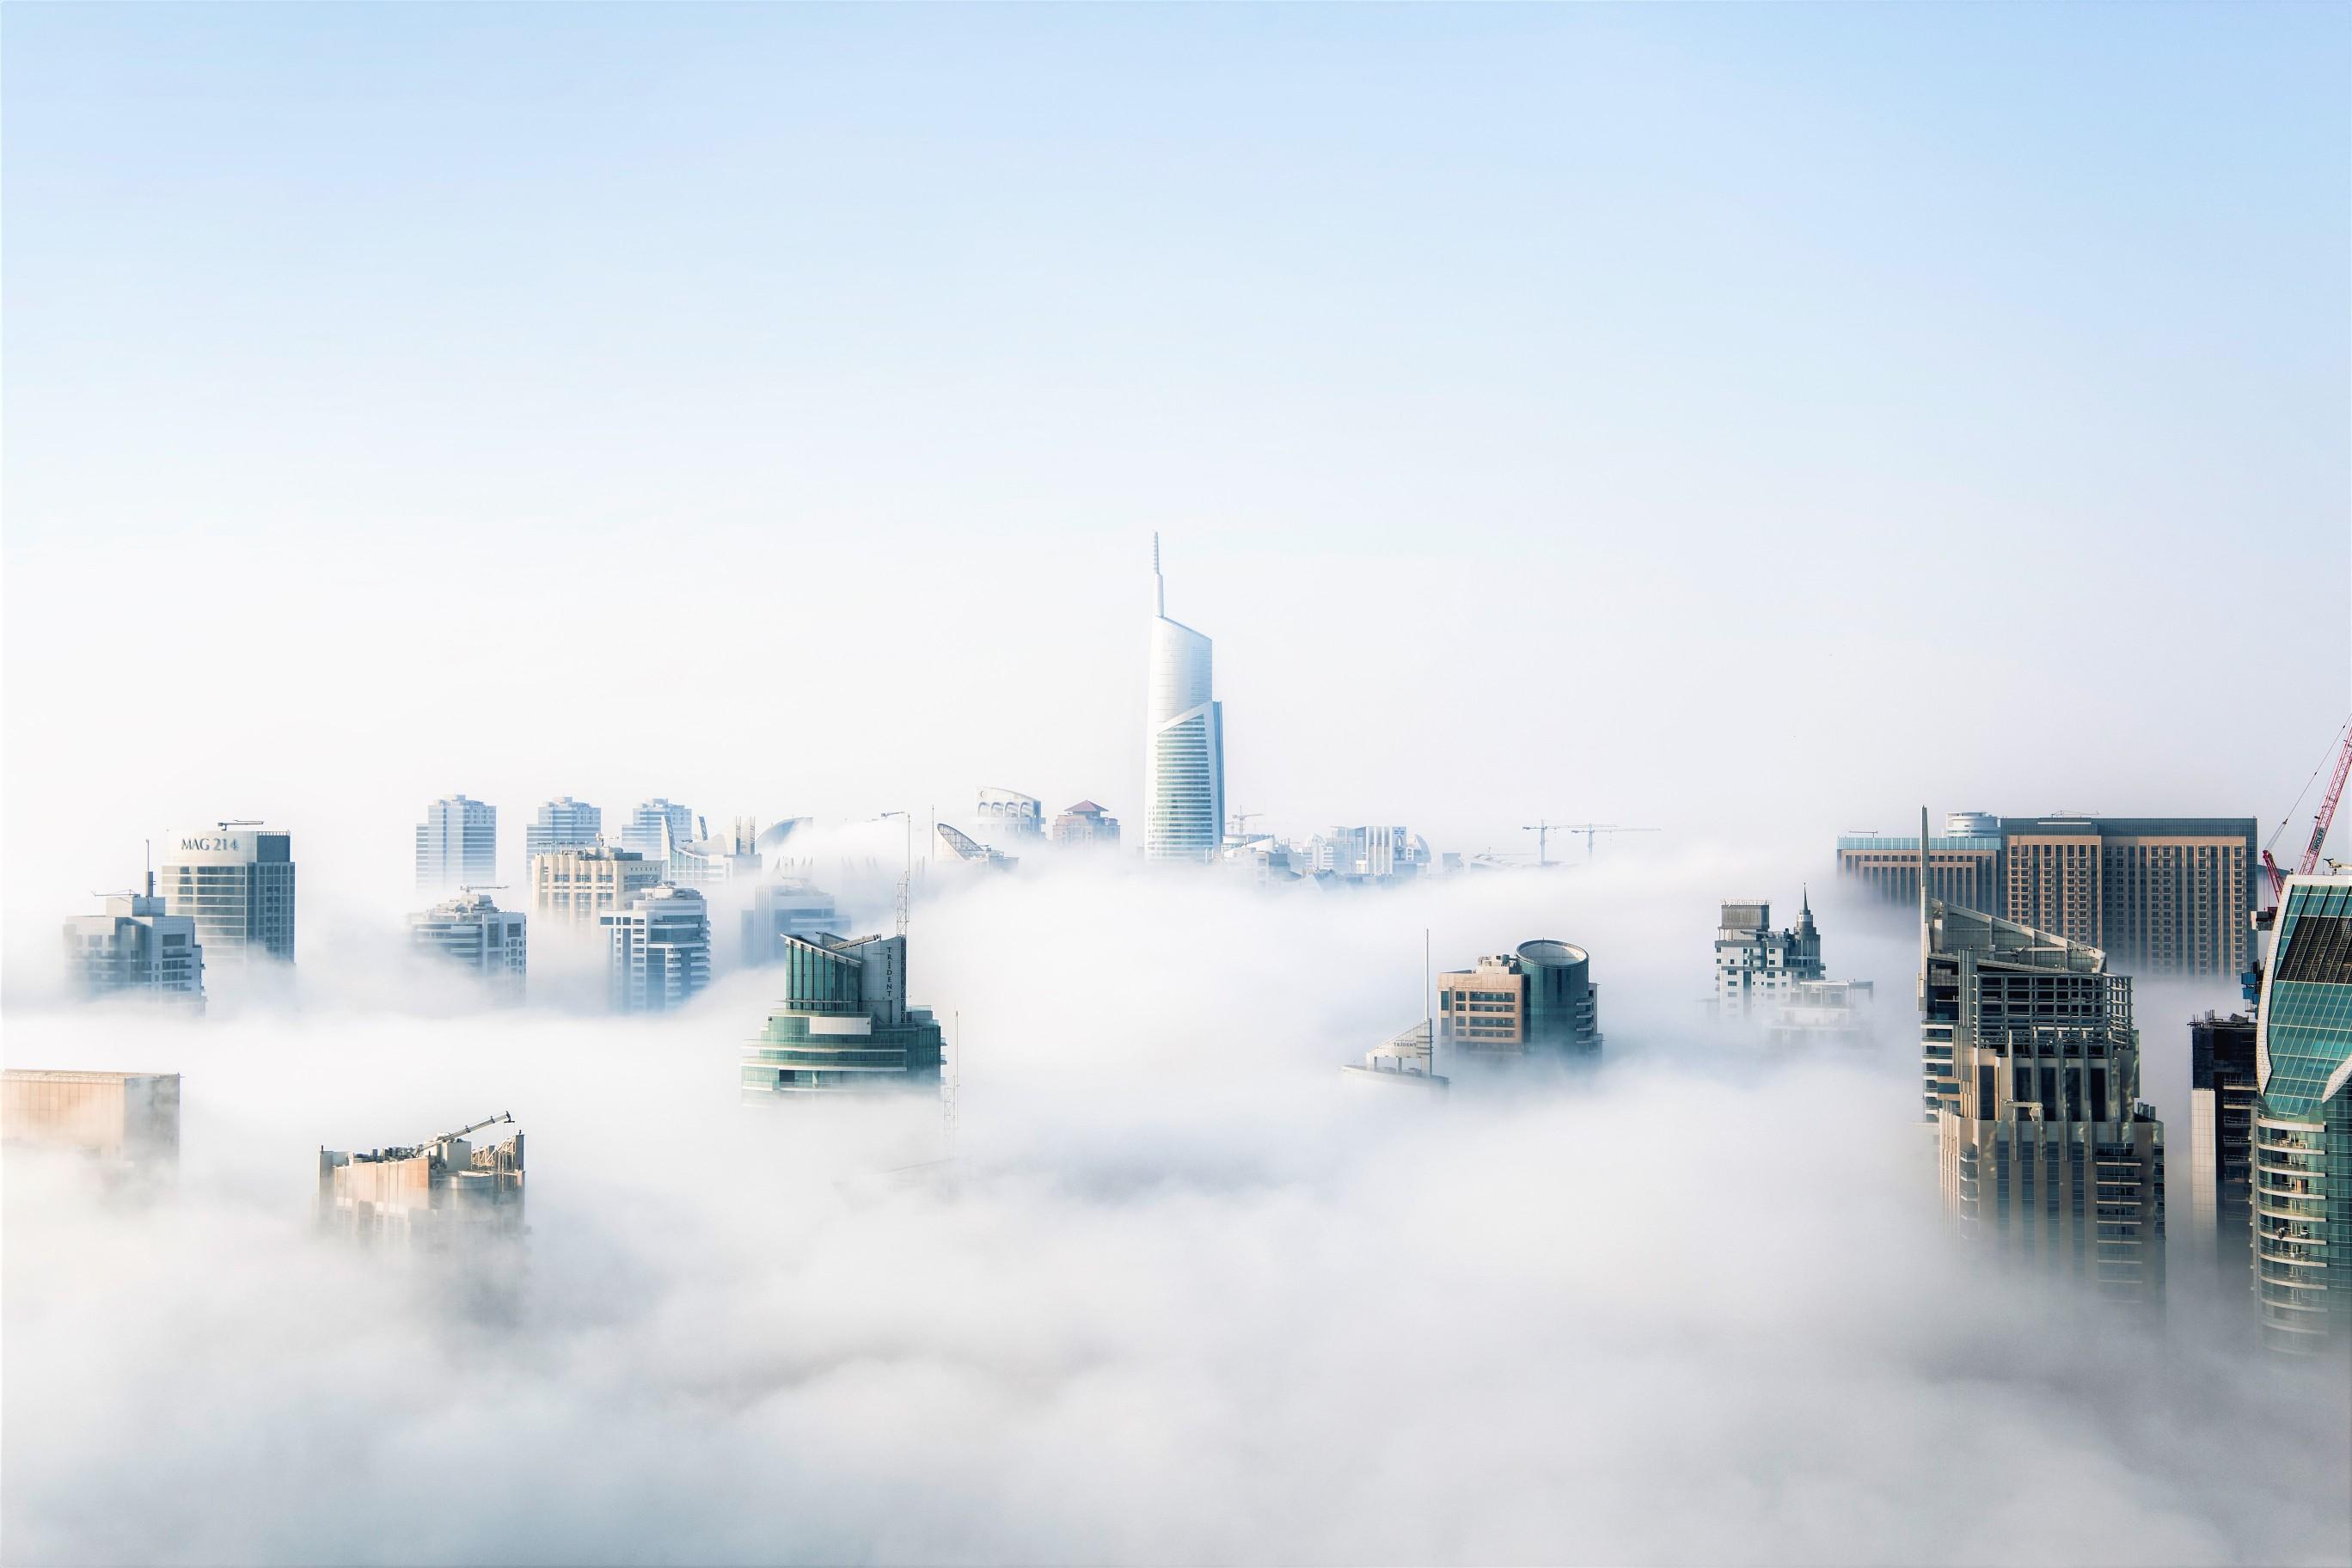 Ekspansjonsstrategier – Er du klar til å erobre nye markeder?